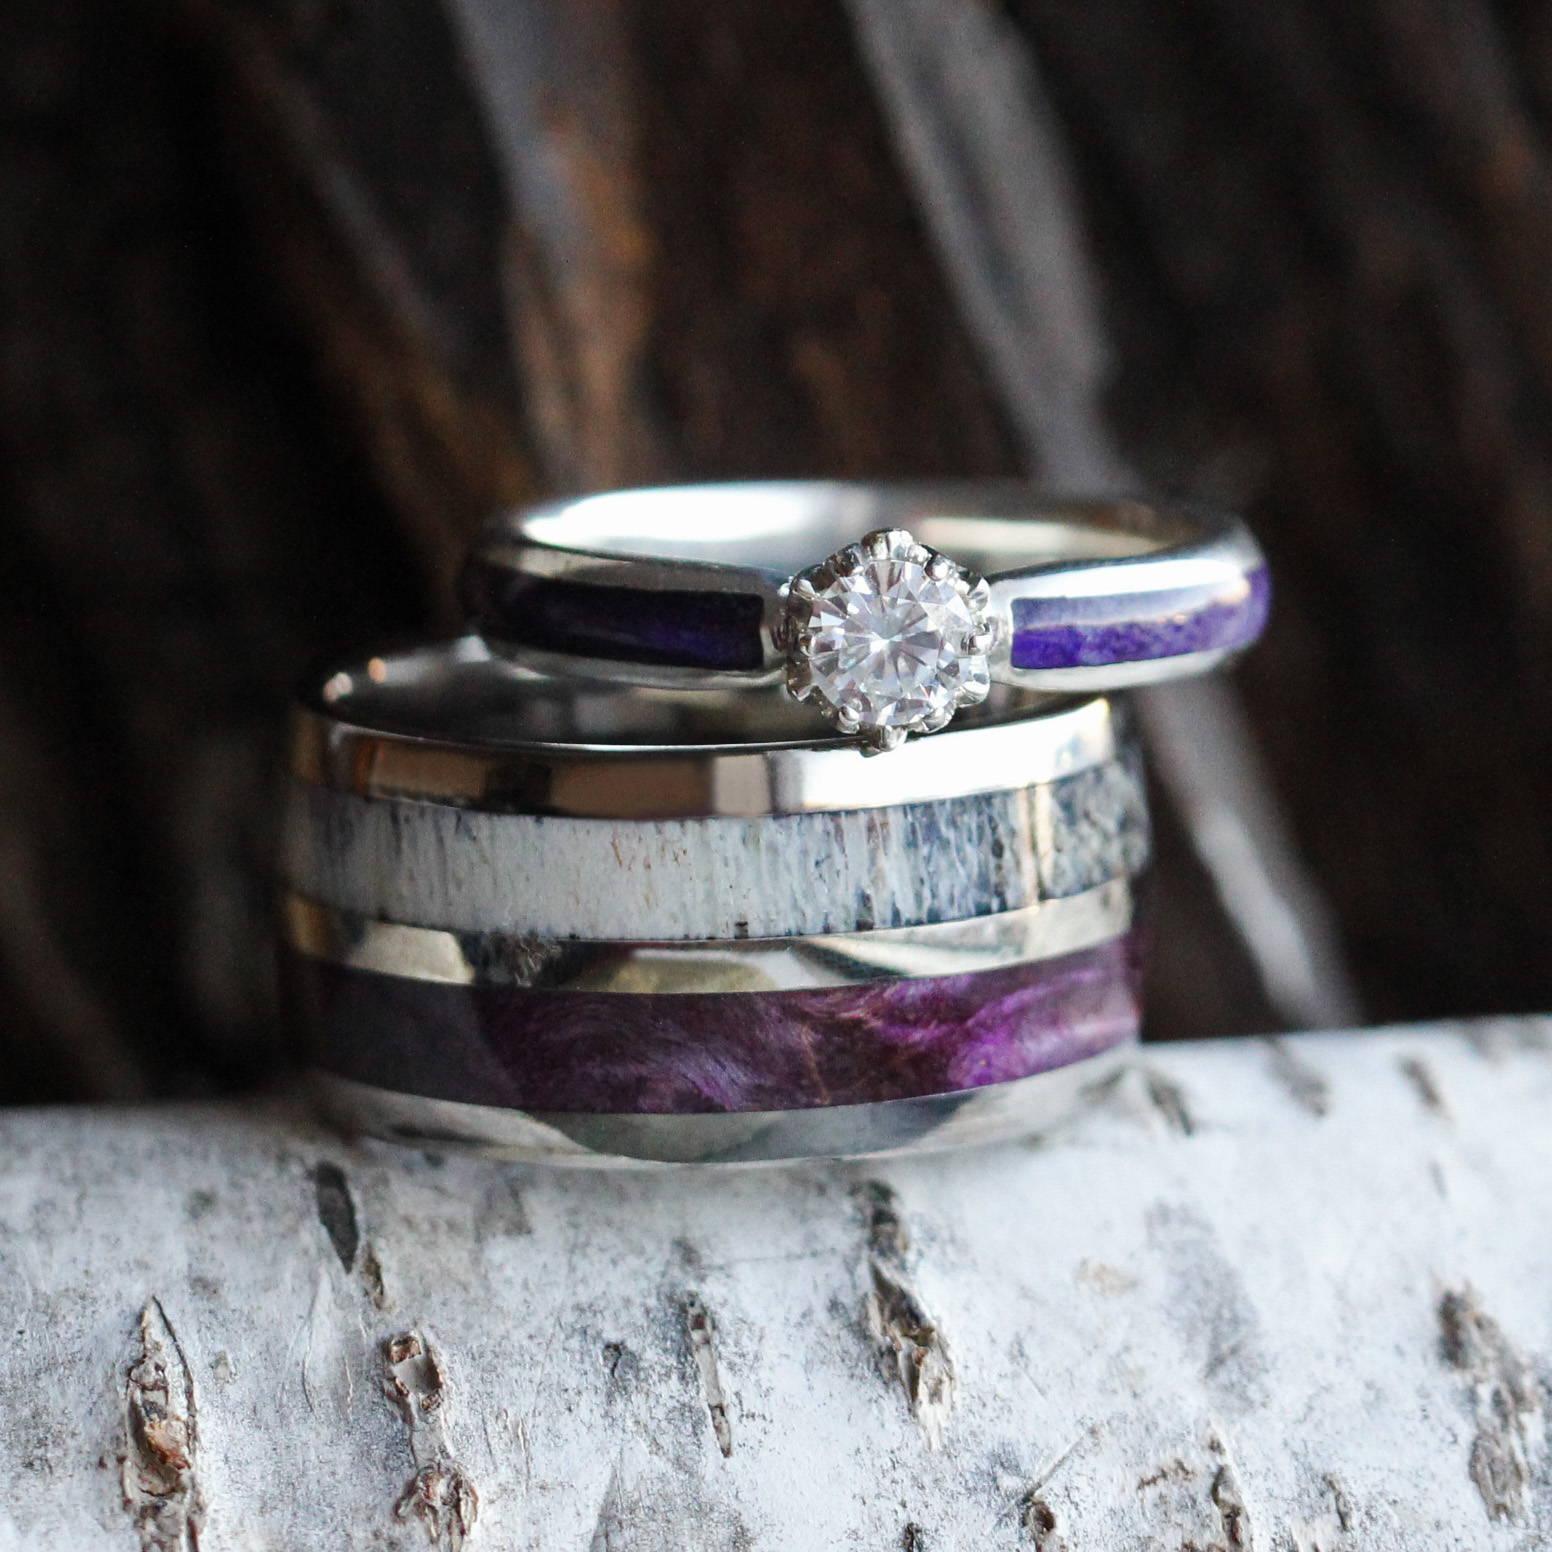 PURPLE BOX ELDER BURL WEDDING RING SET, MOISSANITE ENGAGEMENT RING AND ANTLER BAND